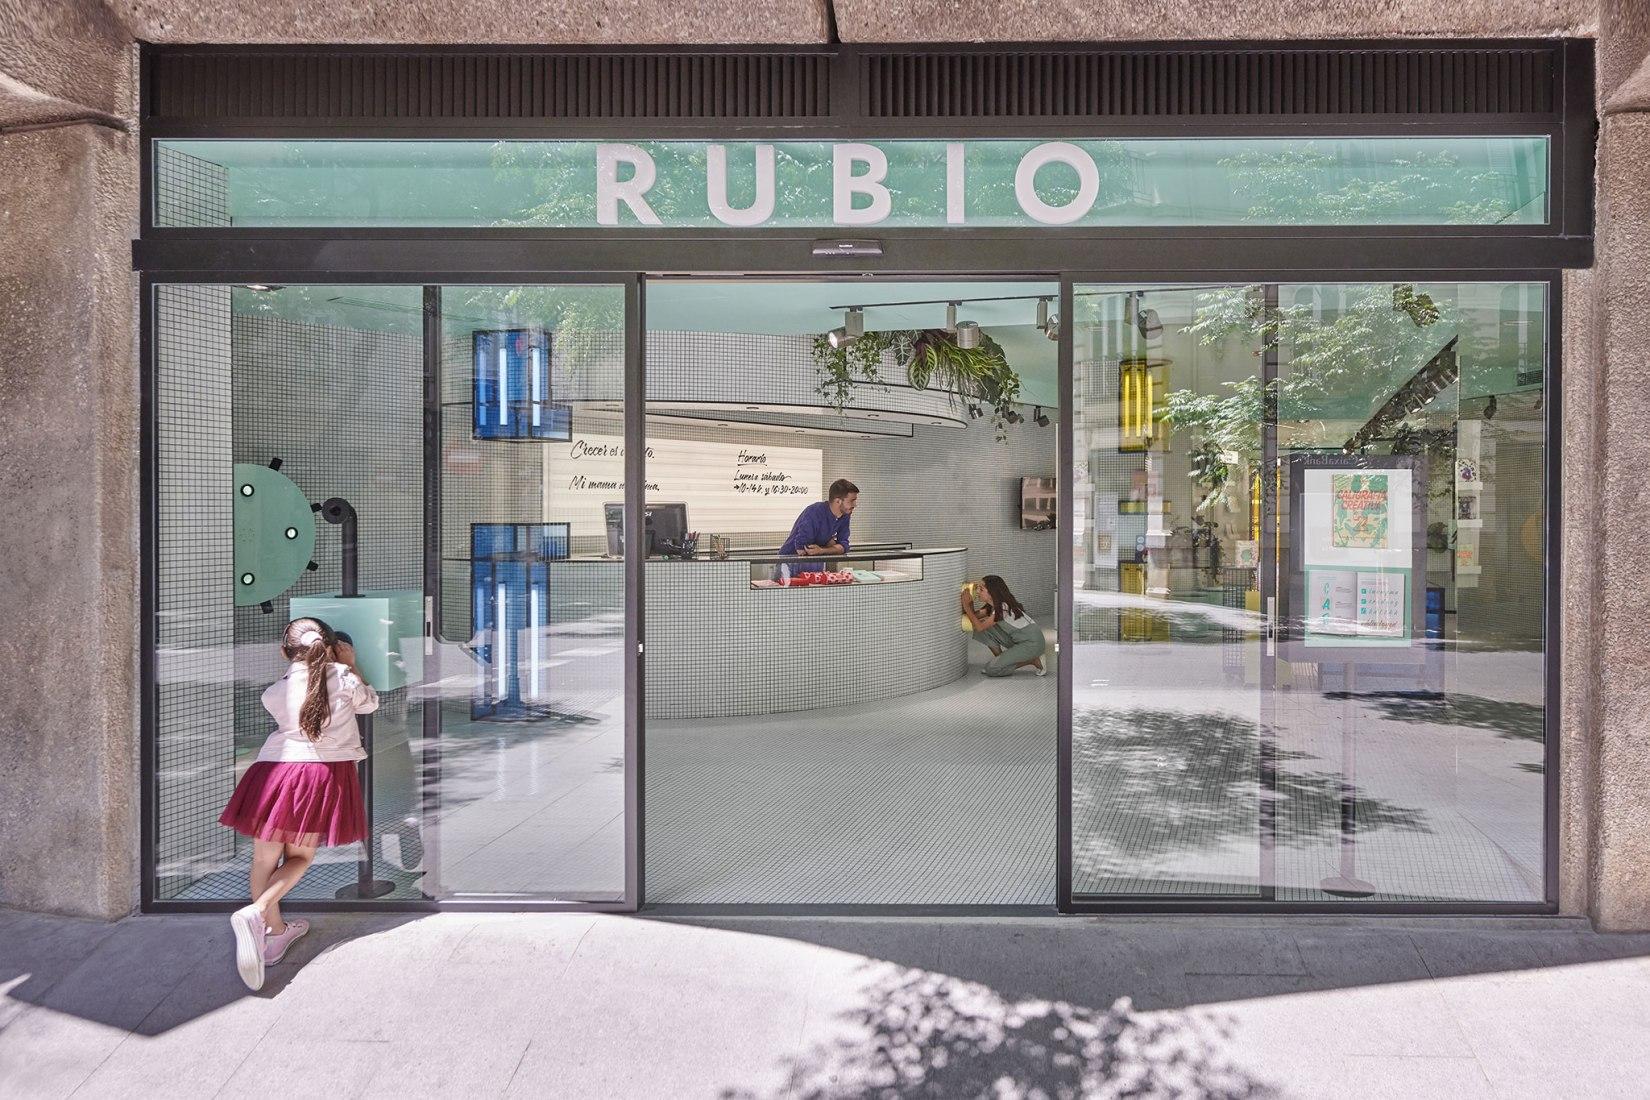 Tienda insignia RUBIO por Masquespacio. Fotografía por Luis Beltrán.